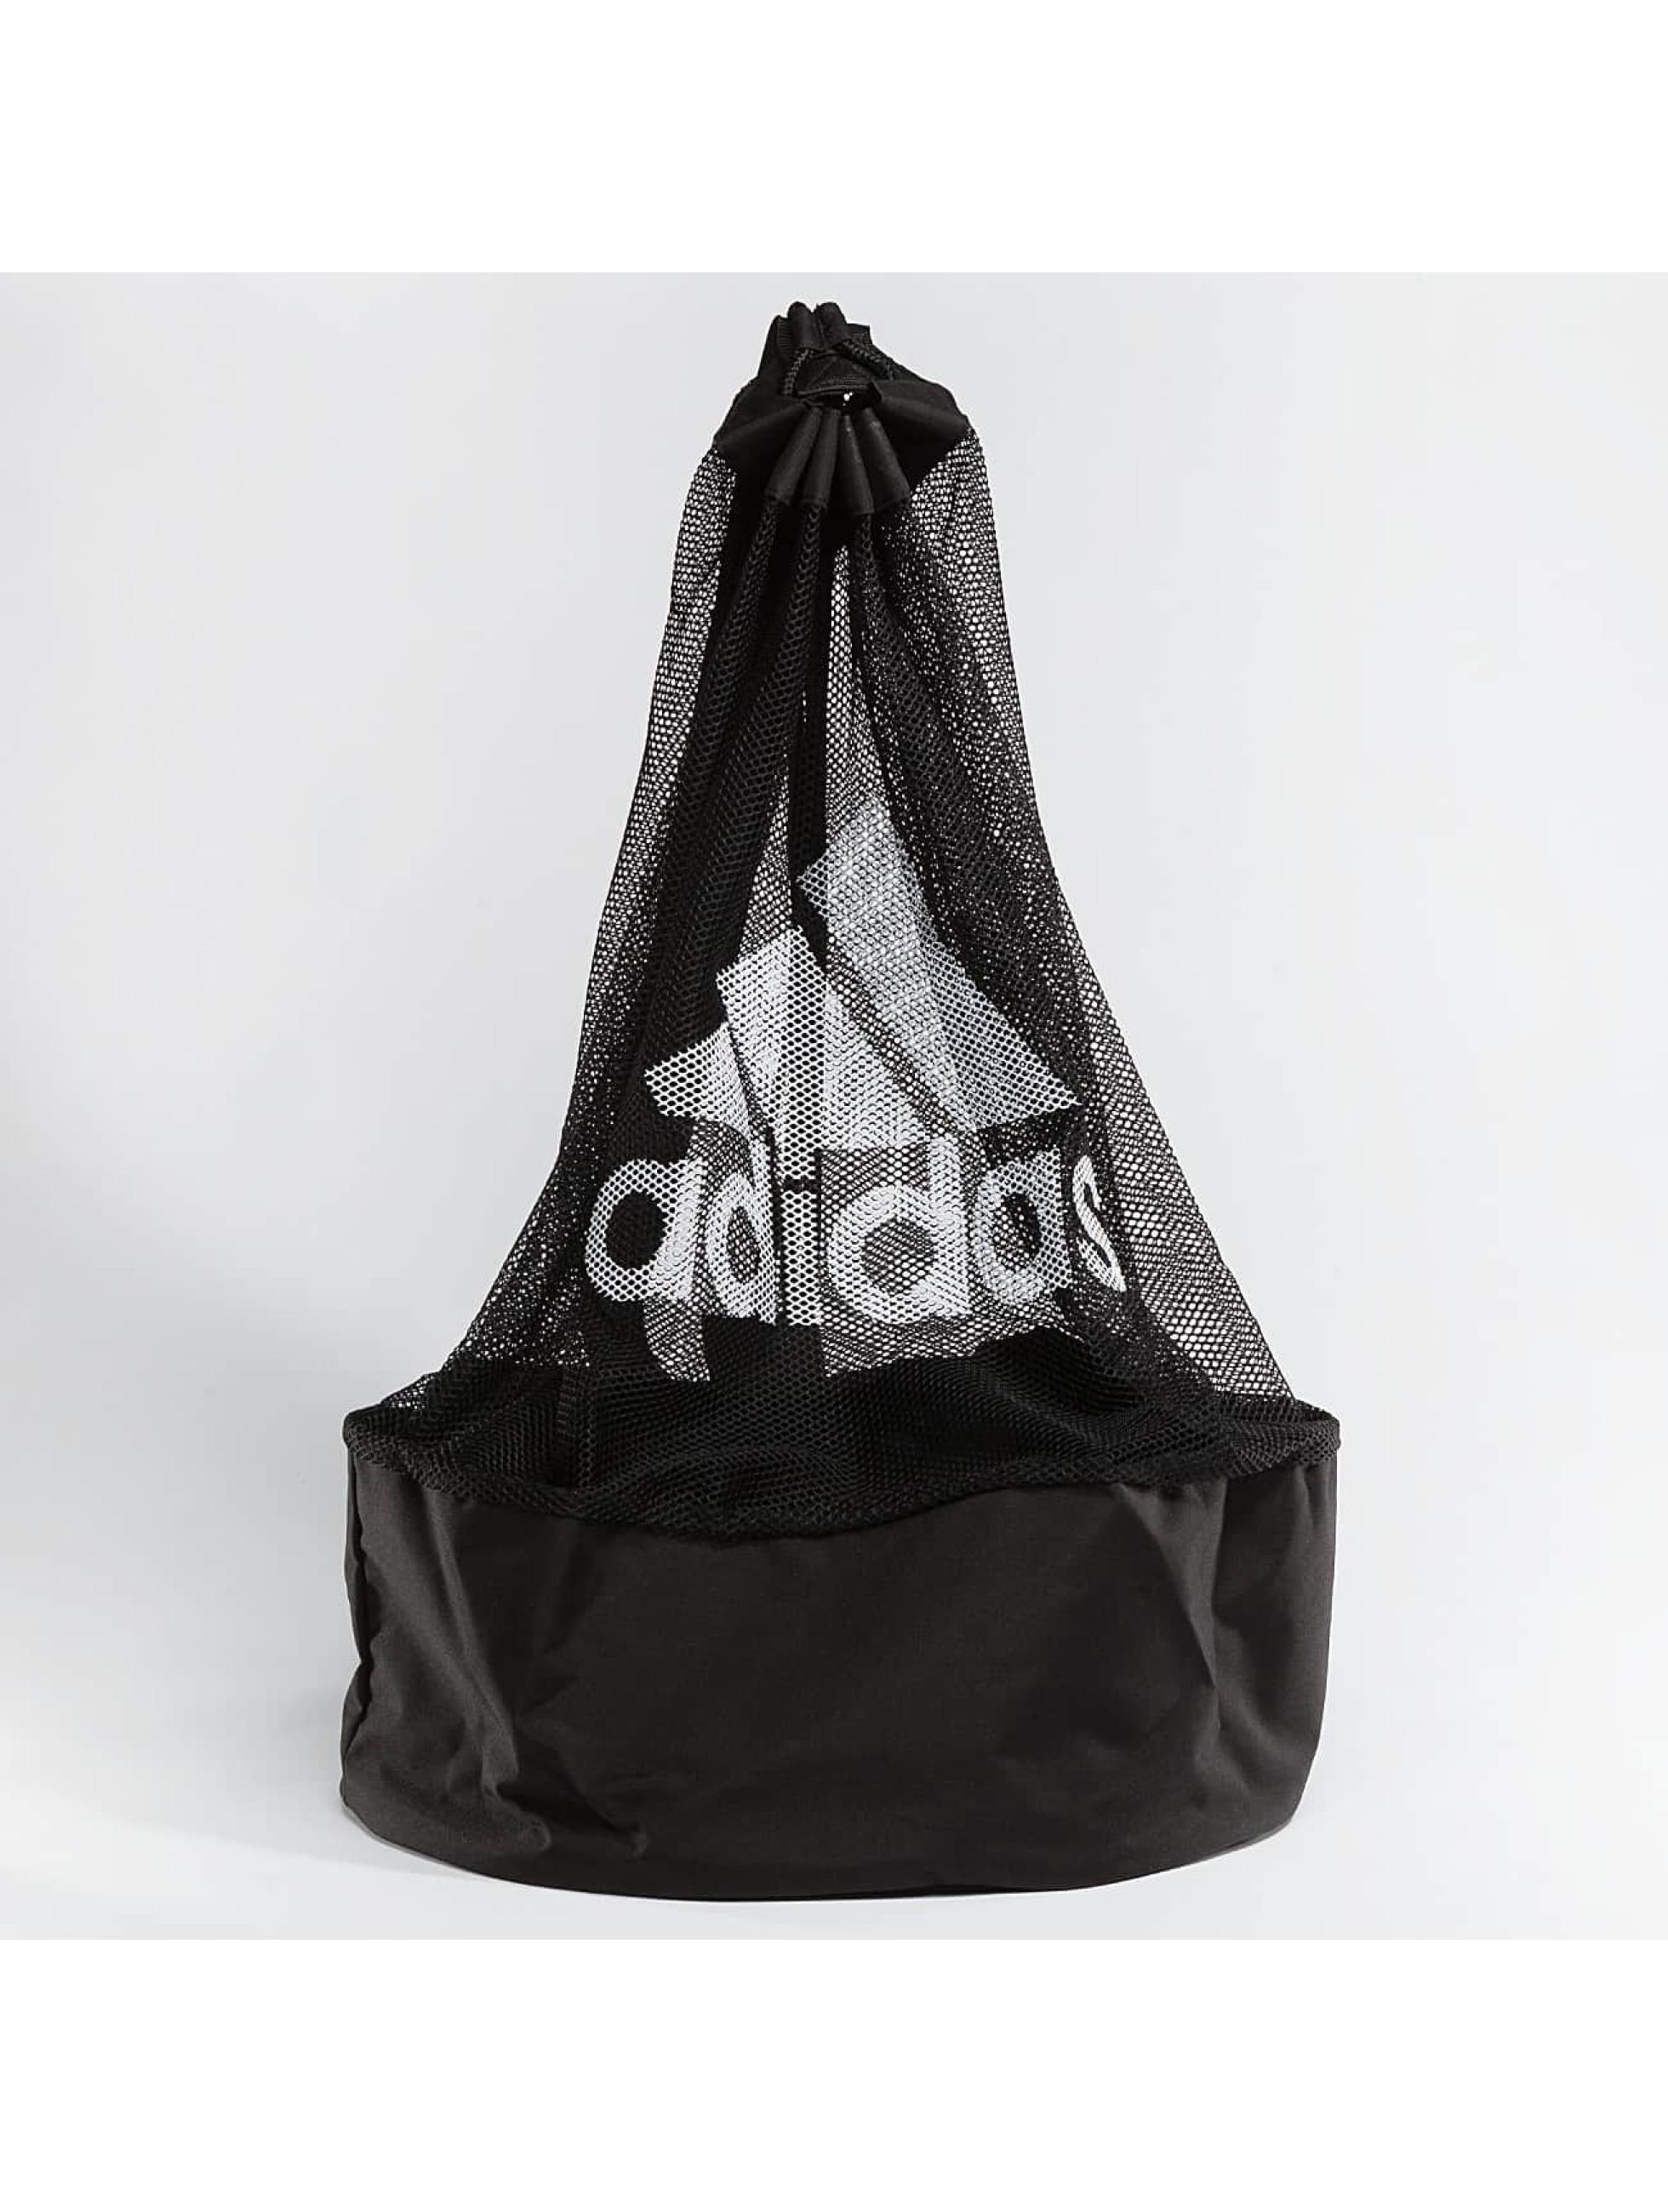 adidas originals More Soccer Ball Net black